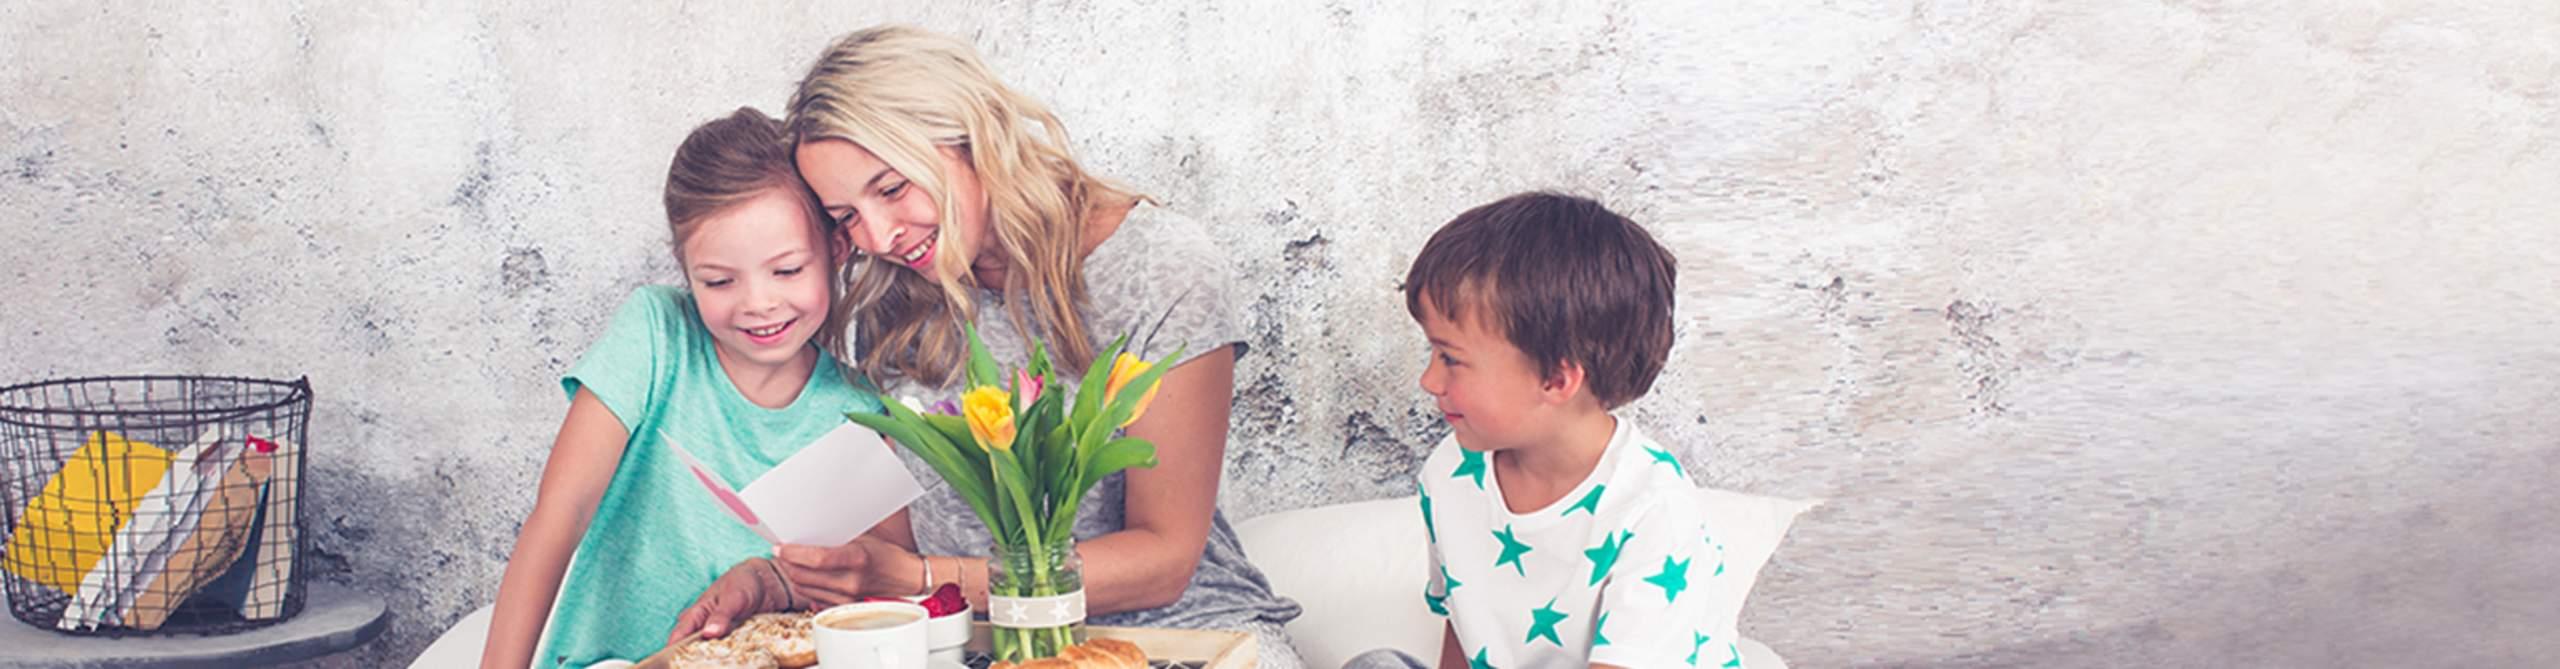 Eine Mutter sitzt mit ihren Kindern an einem Tisch und bekommt ein Geschenk.